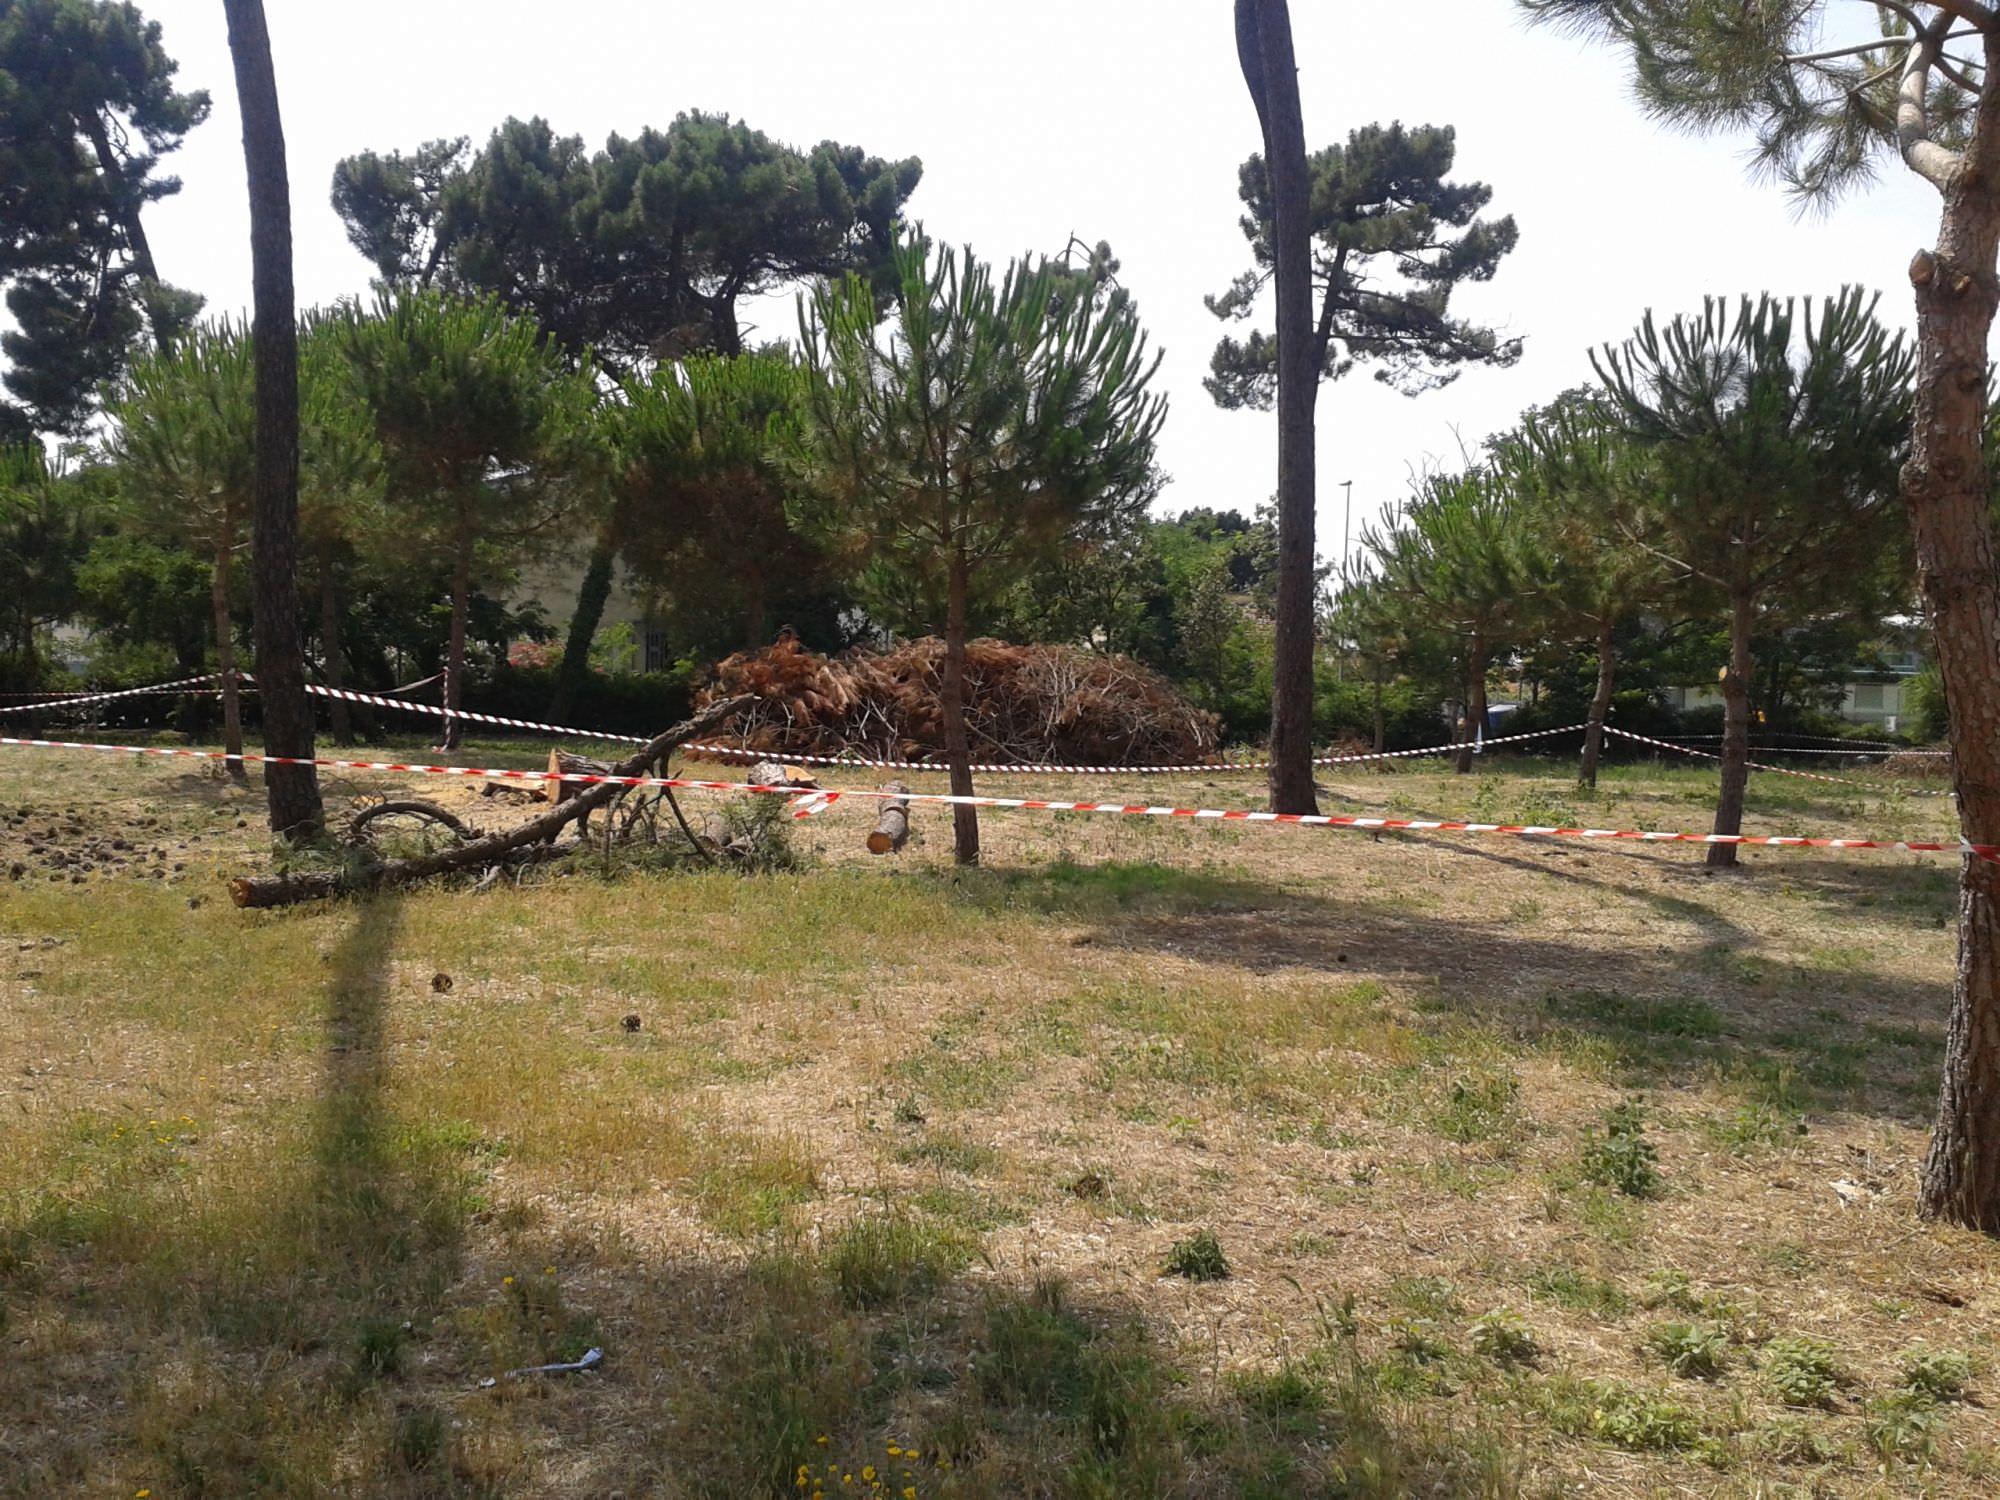 Legna a terra e rami secchi accatastati nella Pineta di Levante.